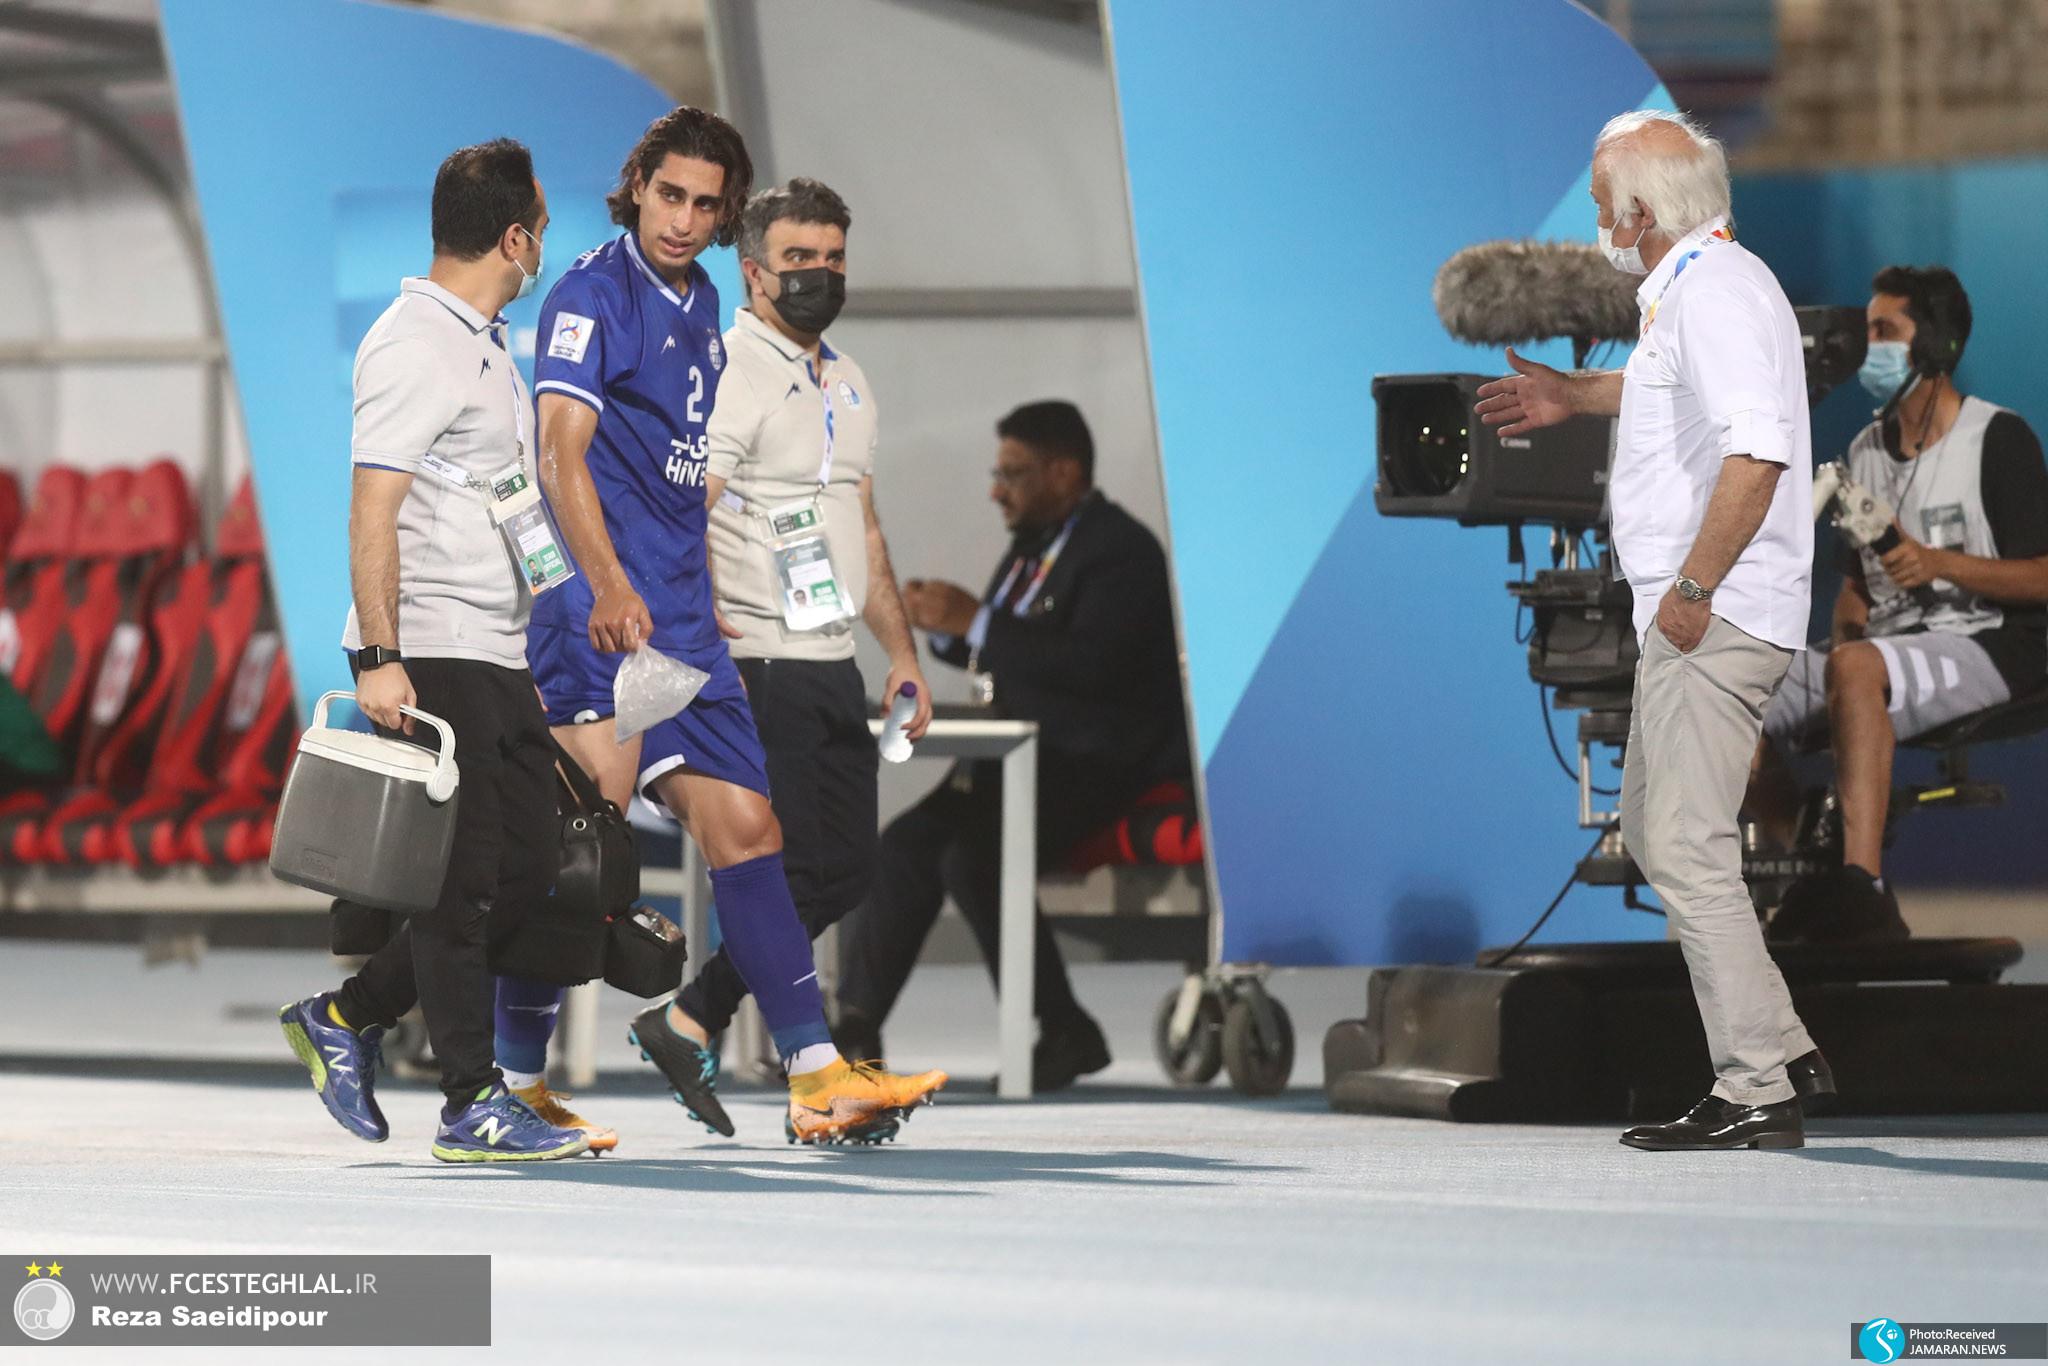 لیگ قهرمانان آسیا استقلال الدحیل قطر محمد نادری